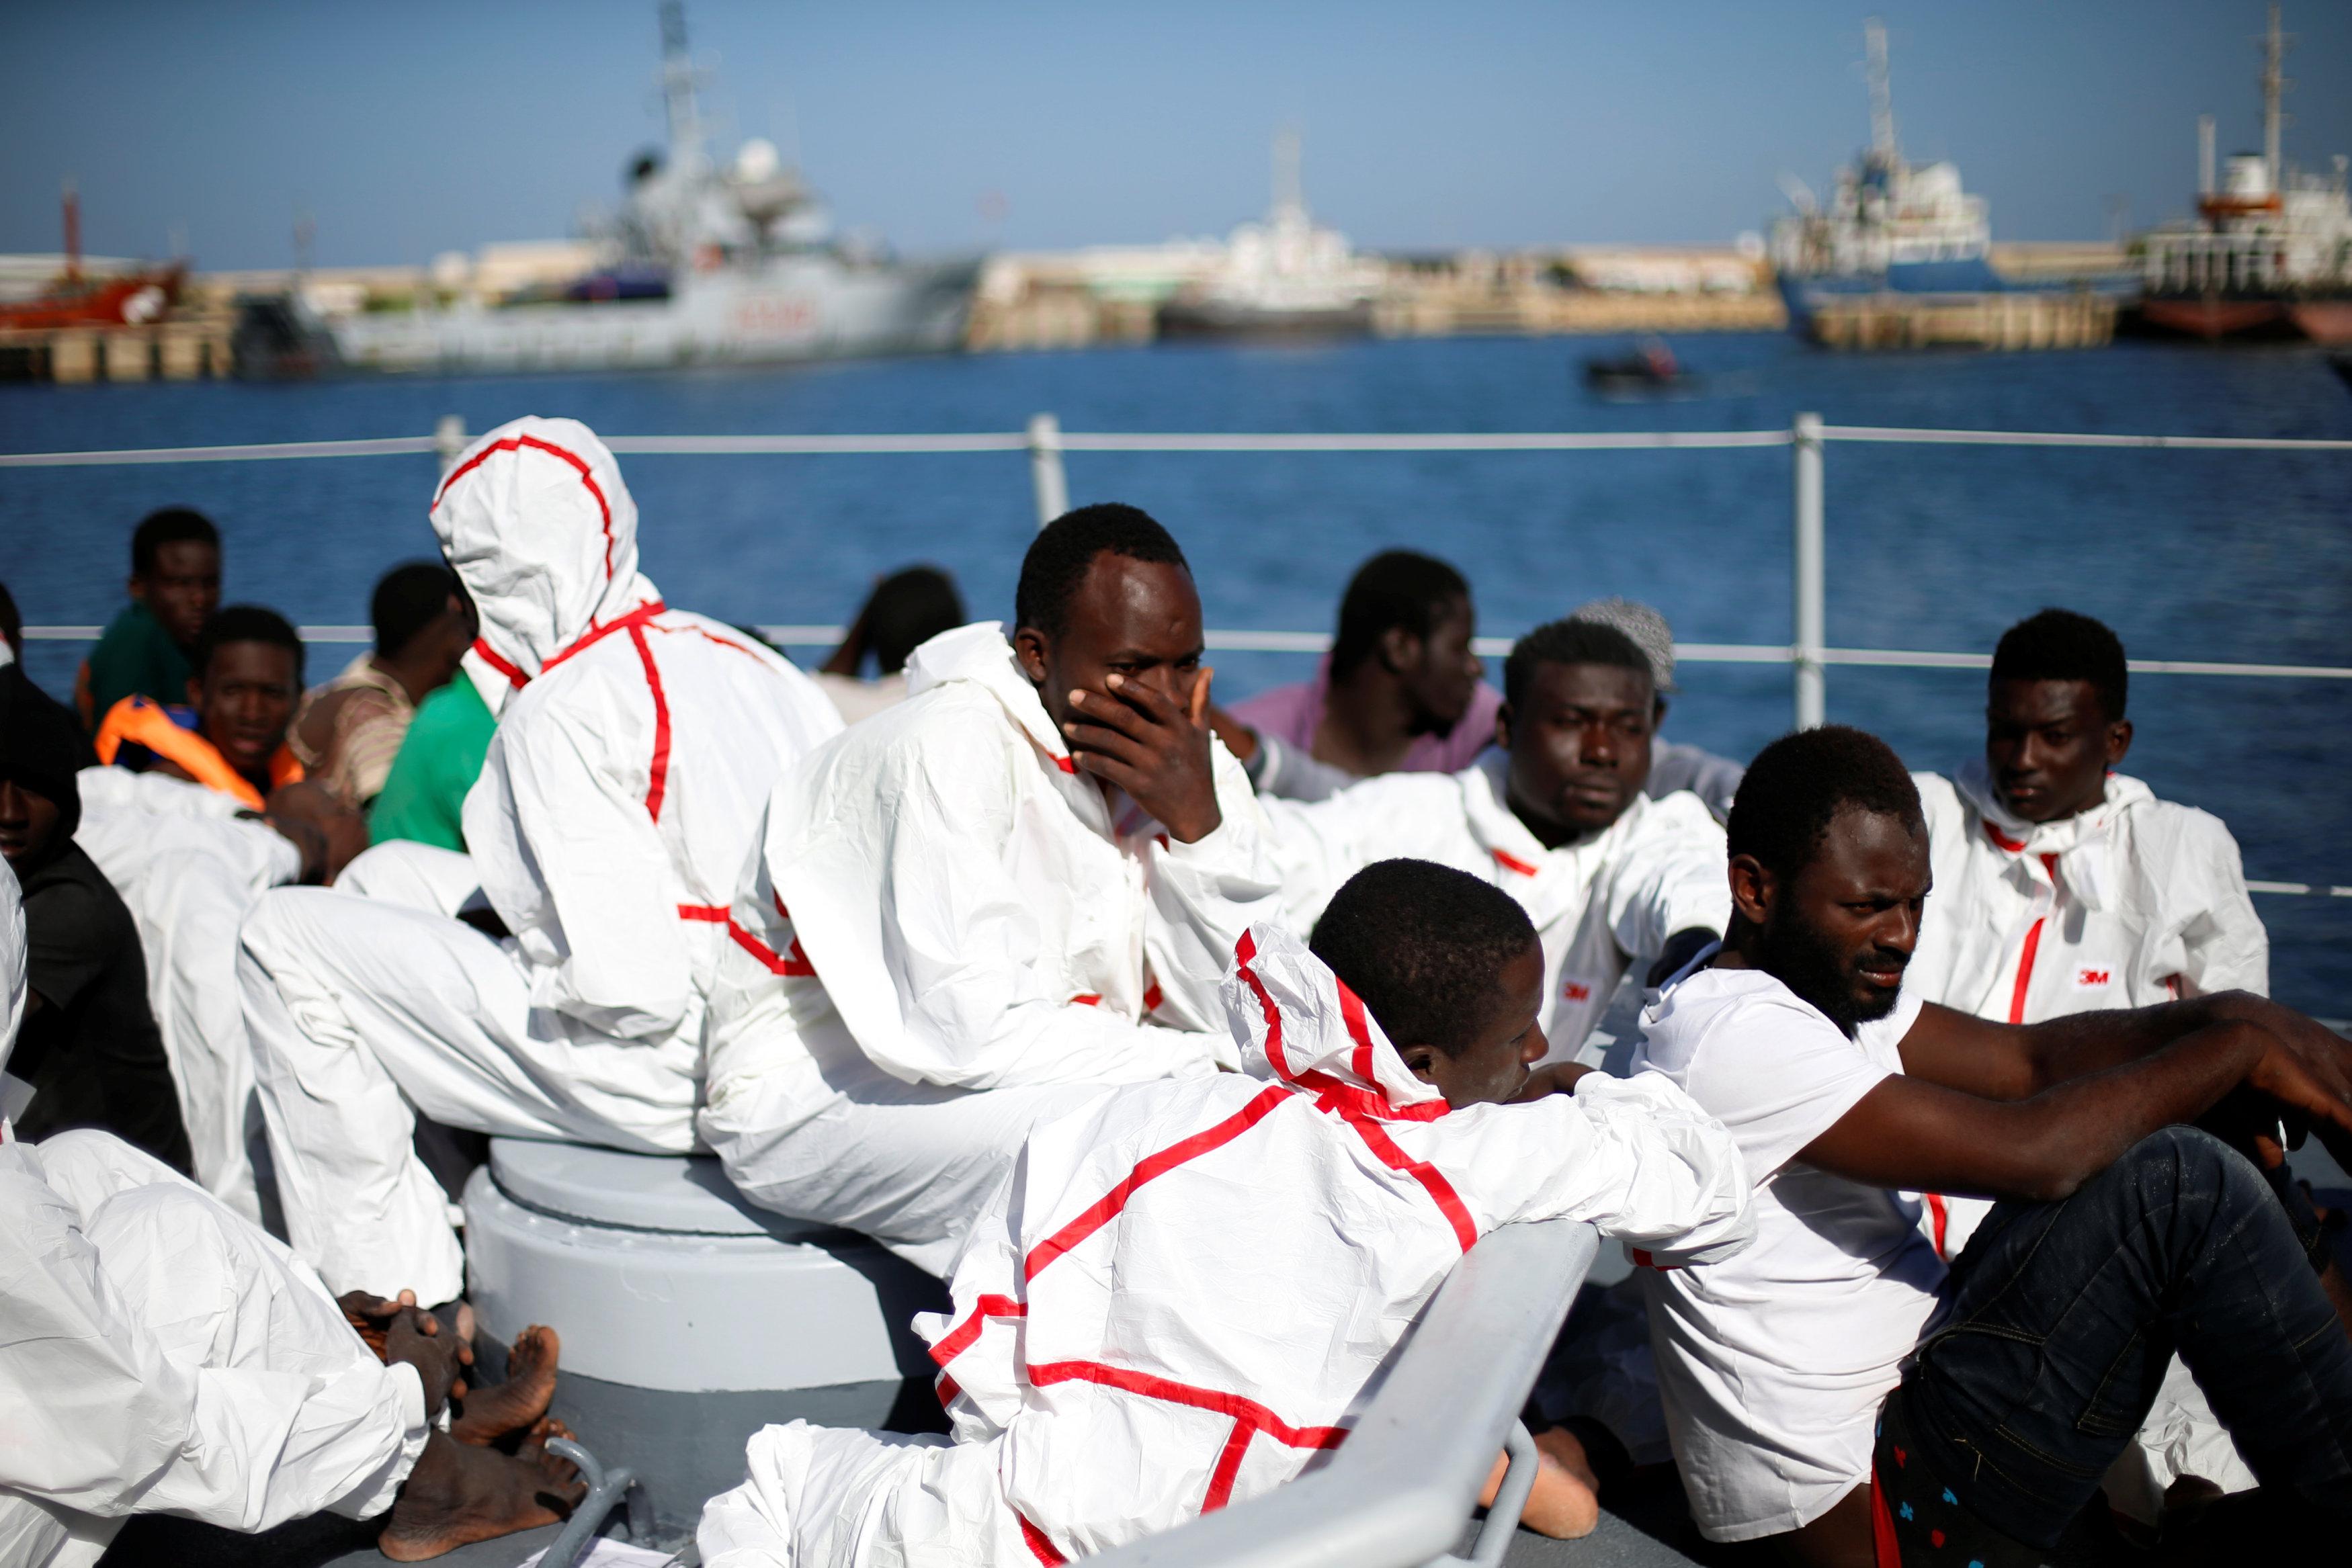 الهجرة غير القانوية